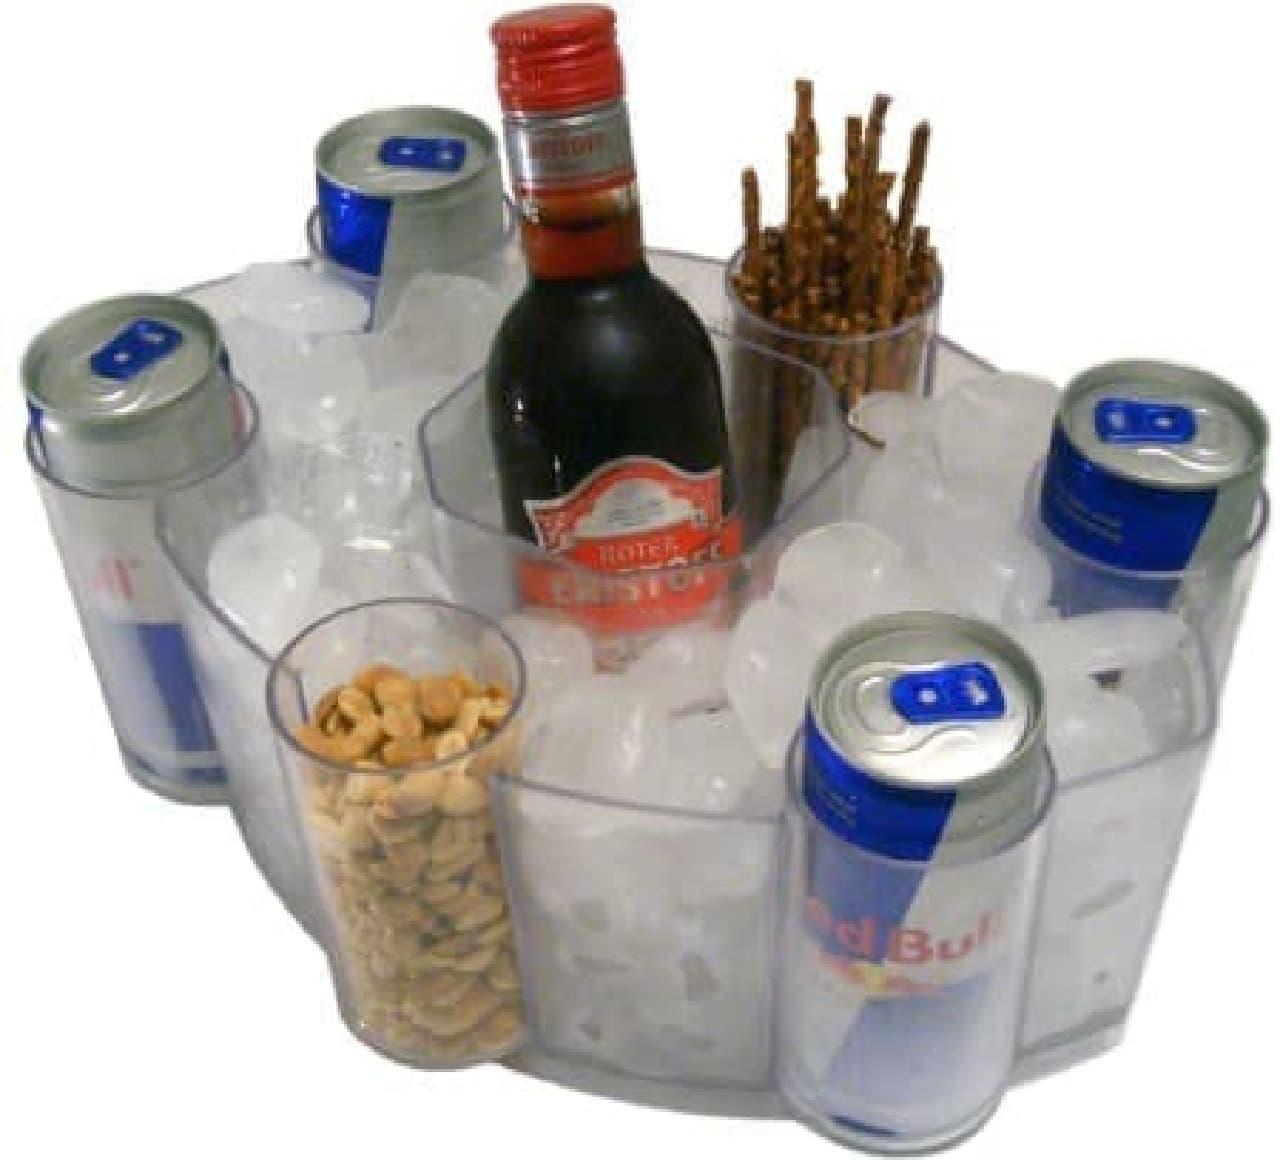 お酒と混ぜて飲んだりもするよね